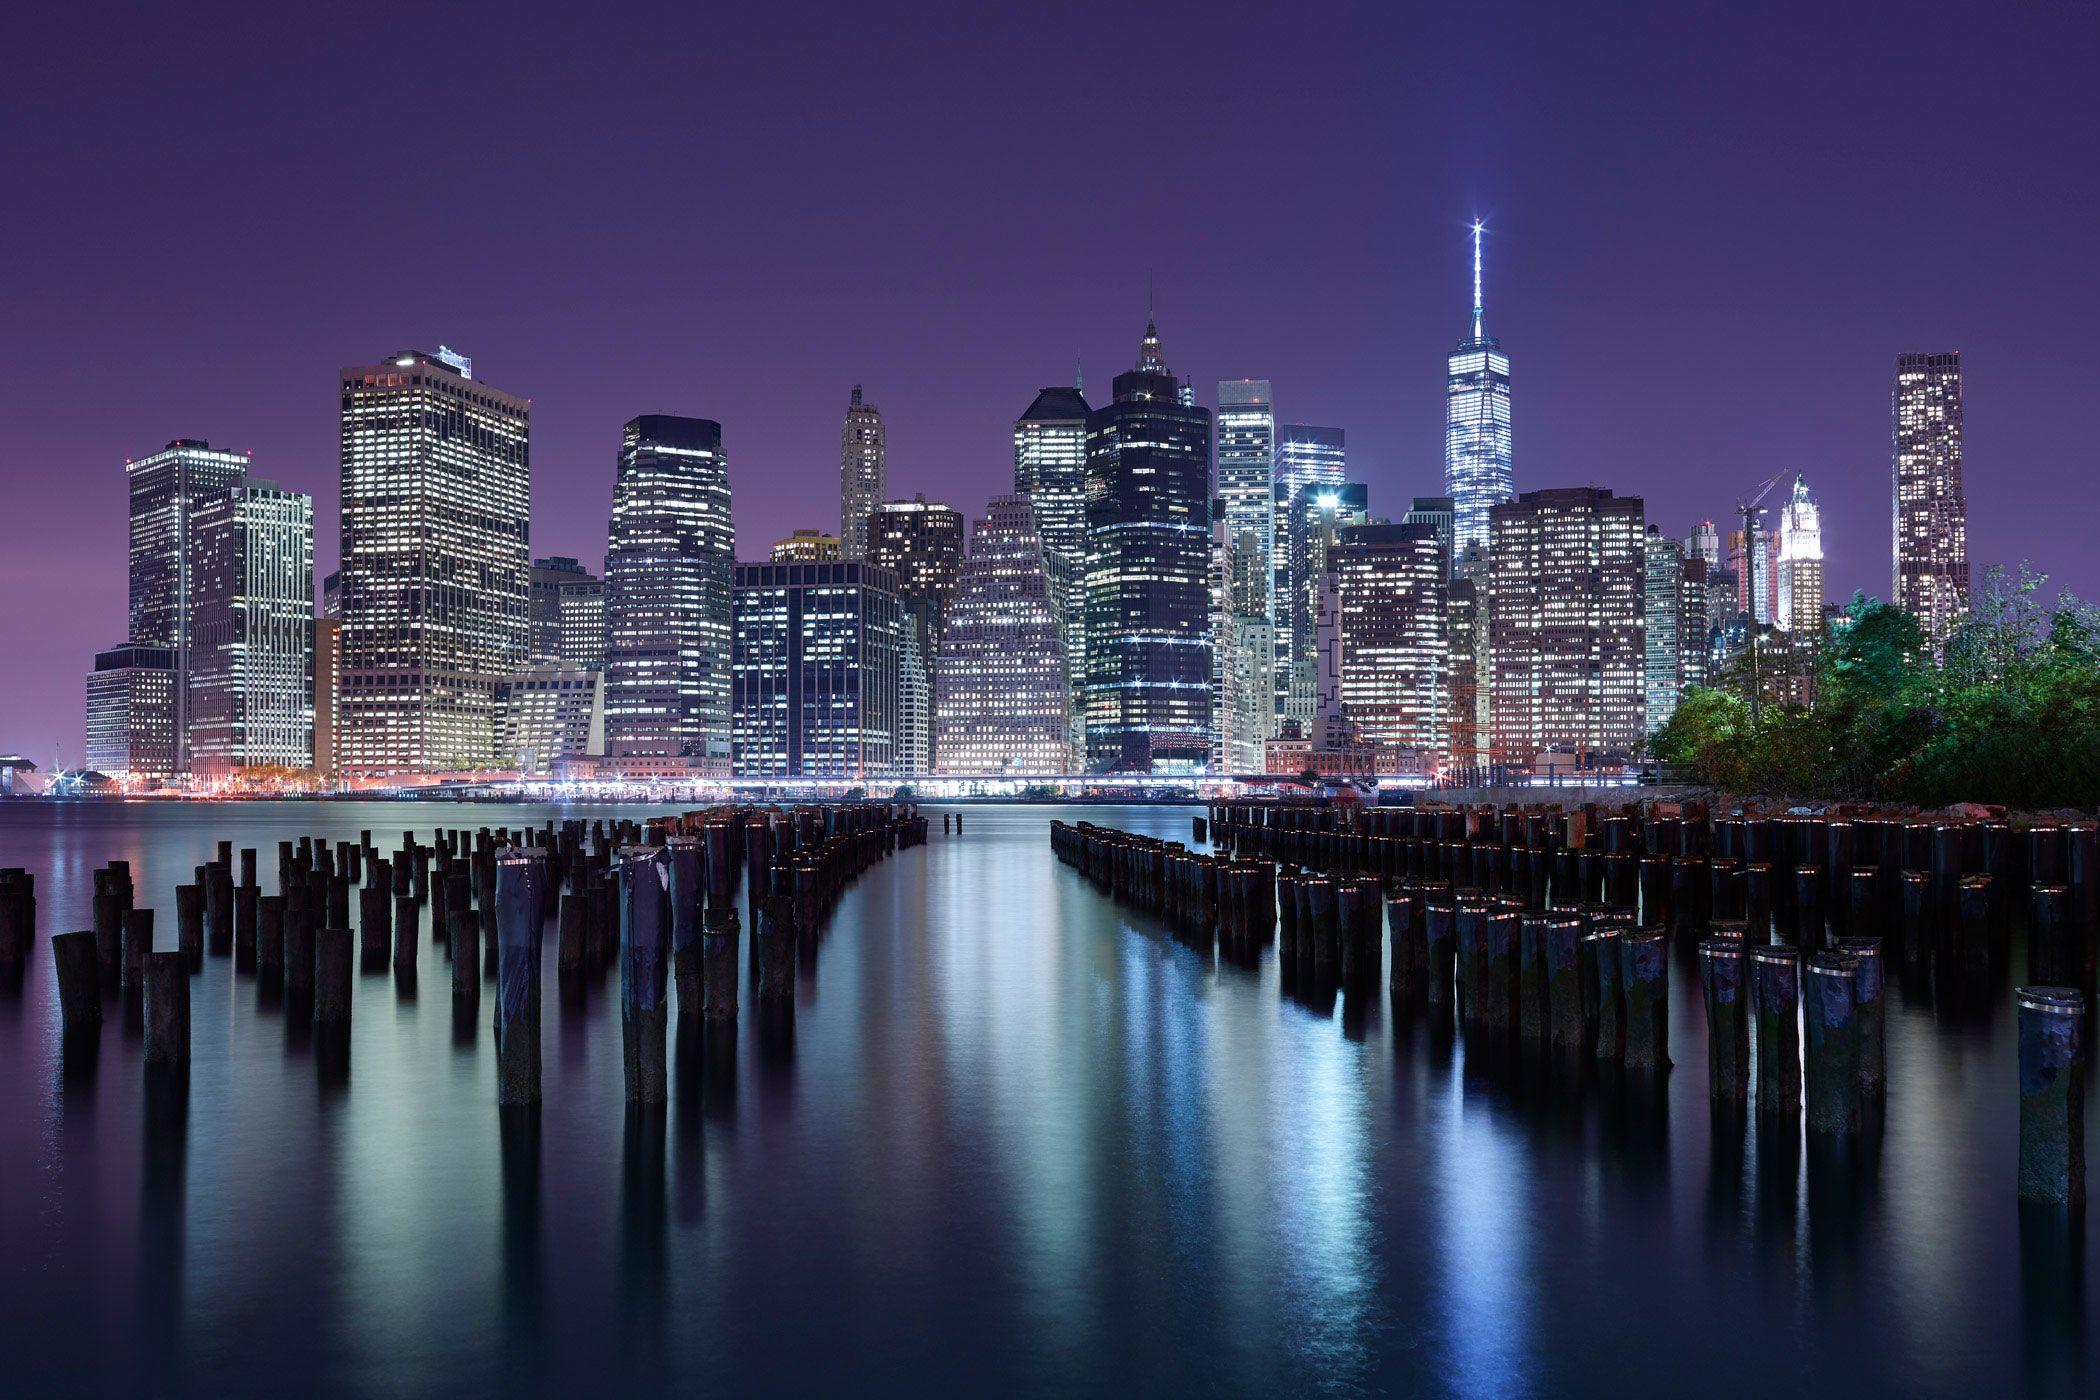 New York Photography New York Photography City Wallpaper City Aesthetic